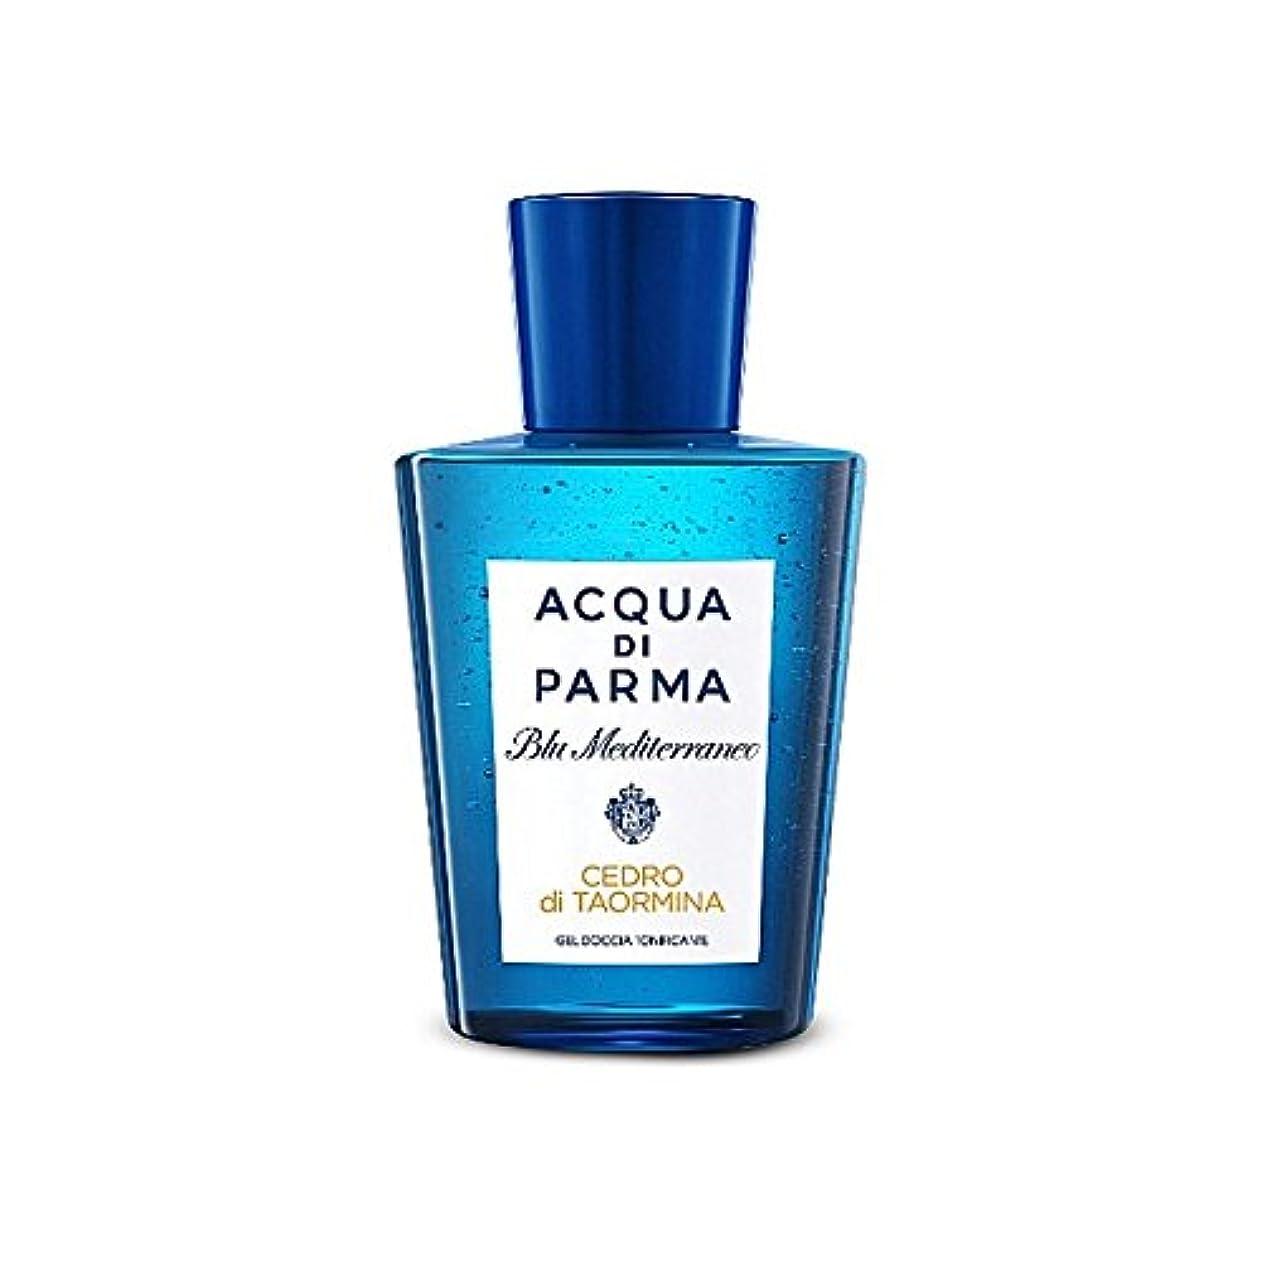 おもちゃ村倉庫Acqua Di Parma Cedro Di Taormina Shower Gel 200ml - アクアディパルマディミーナシャワージェル200 [並行輸入品]